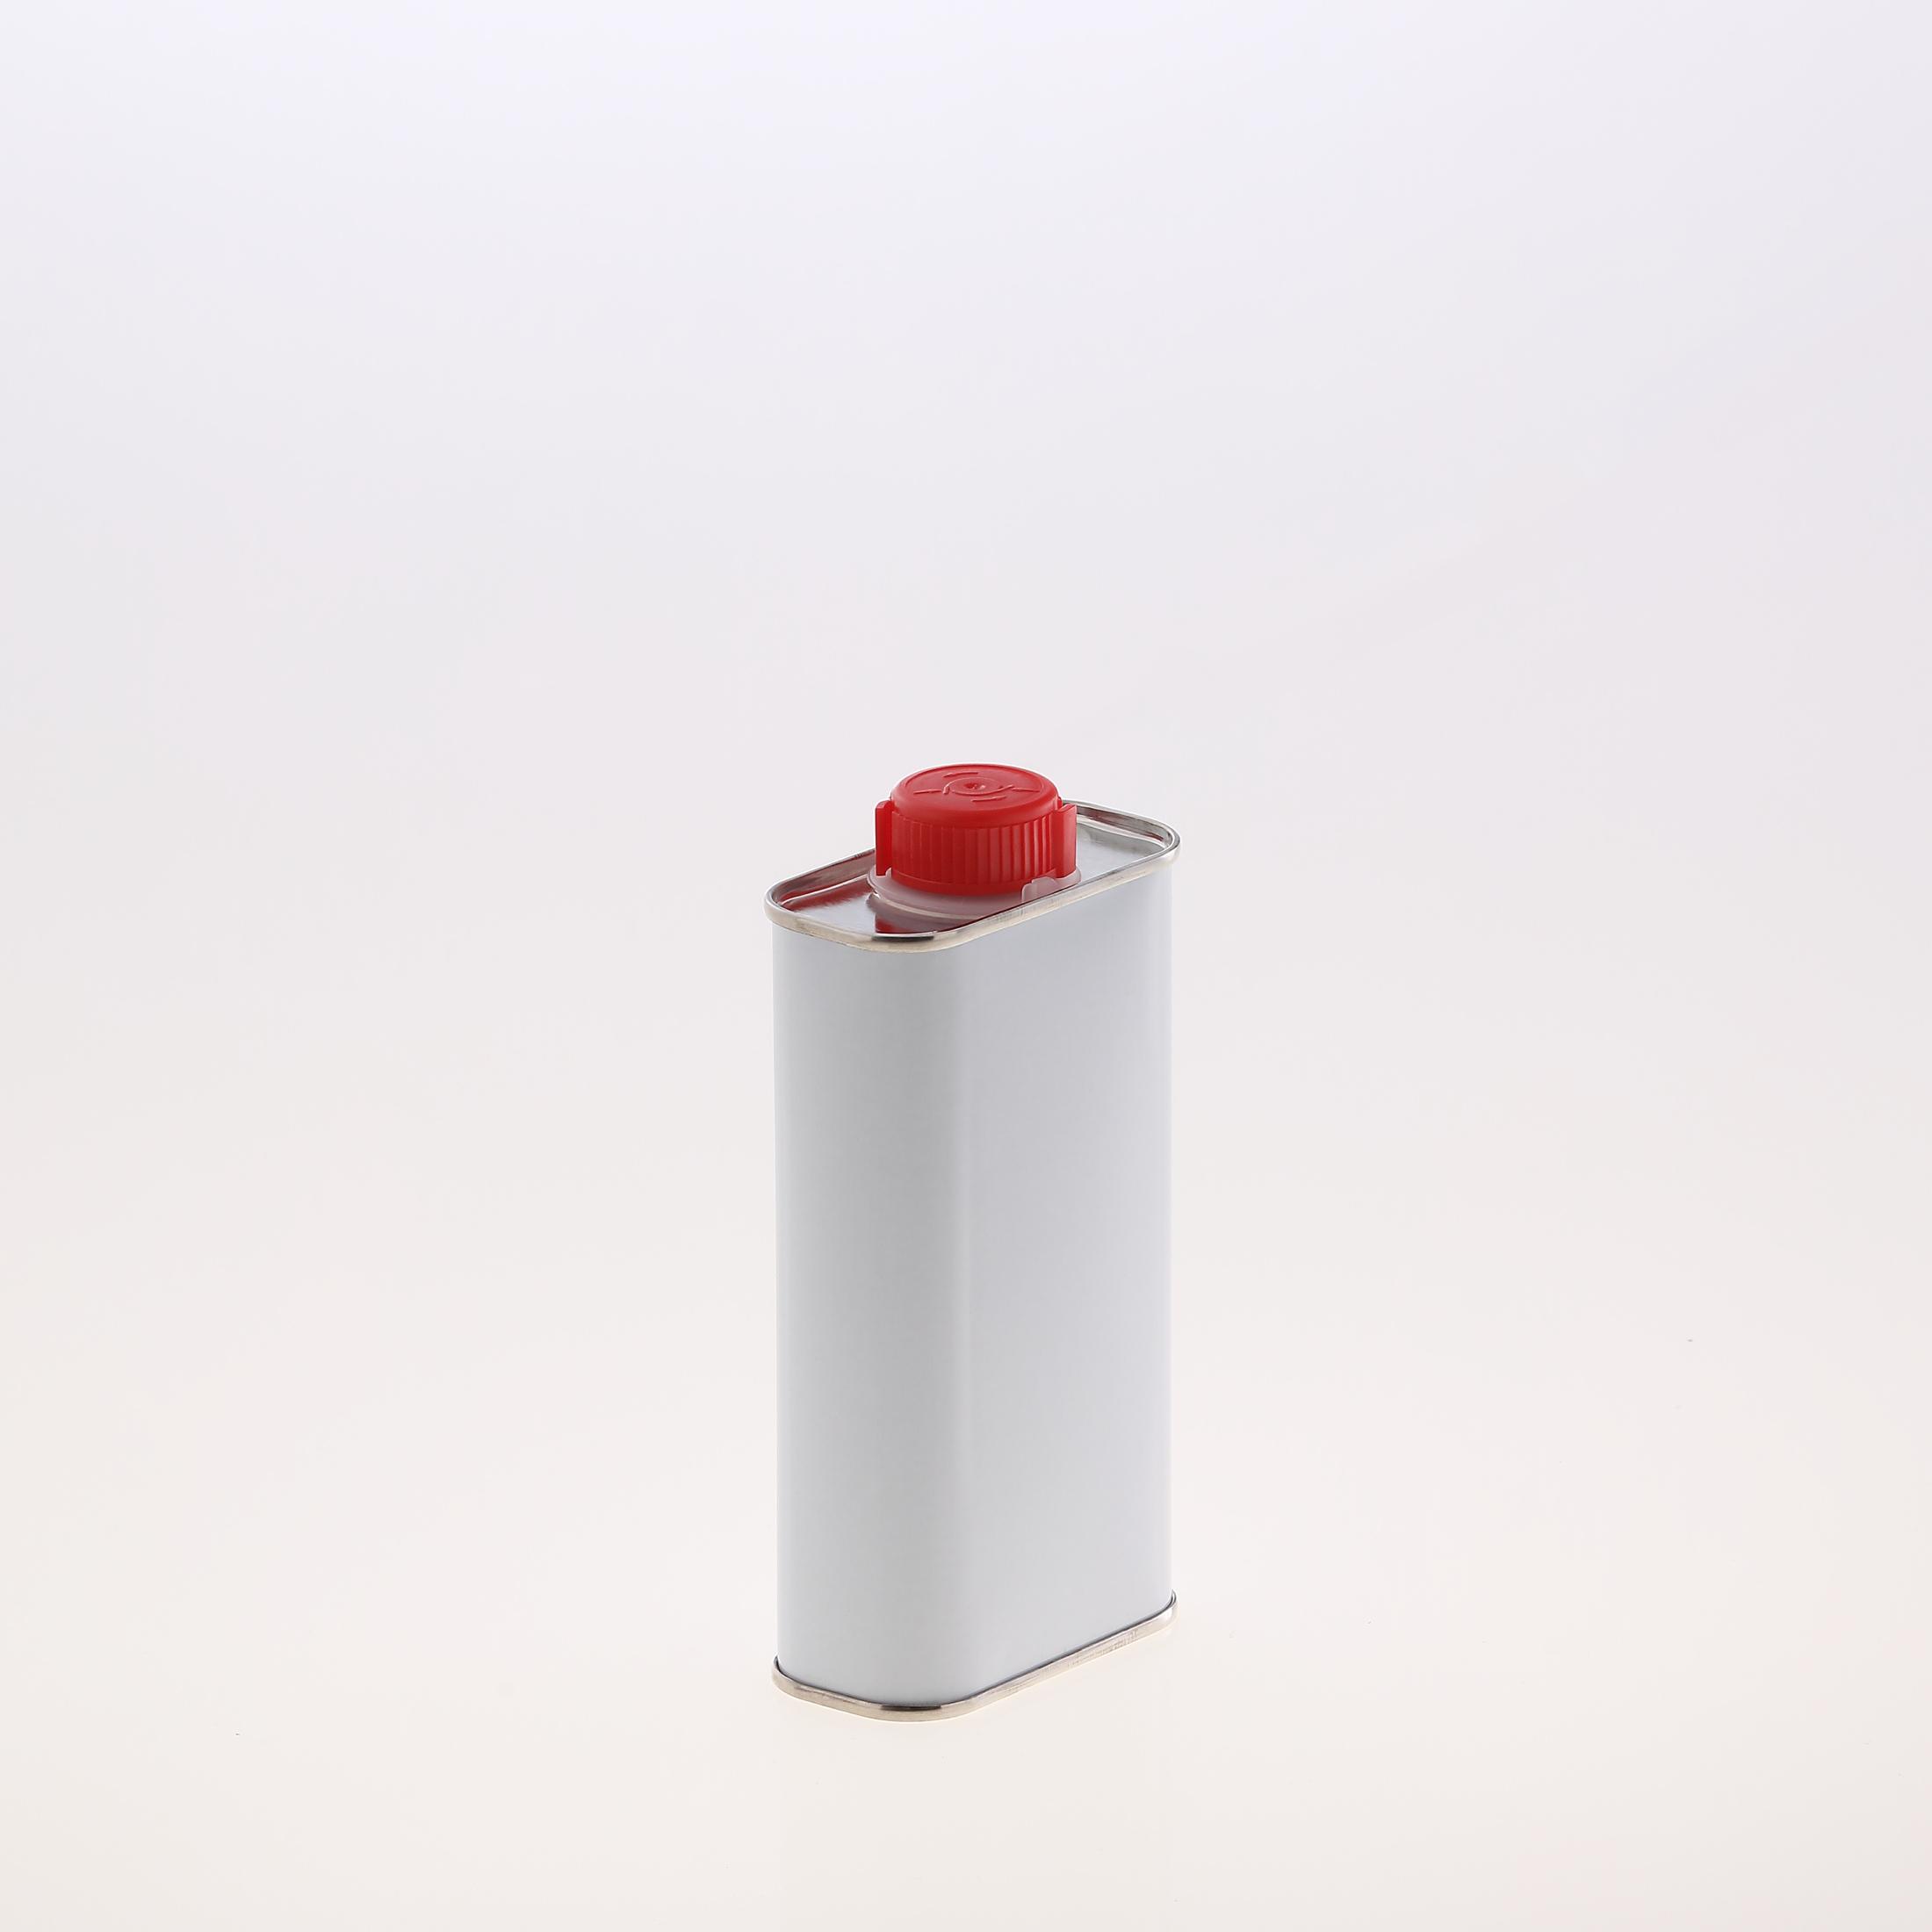 Blechkanister 250 ml weiß